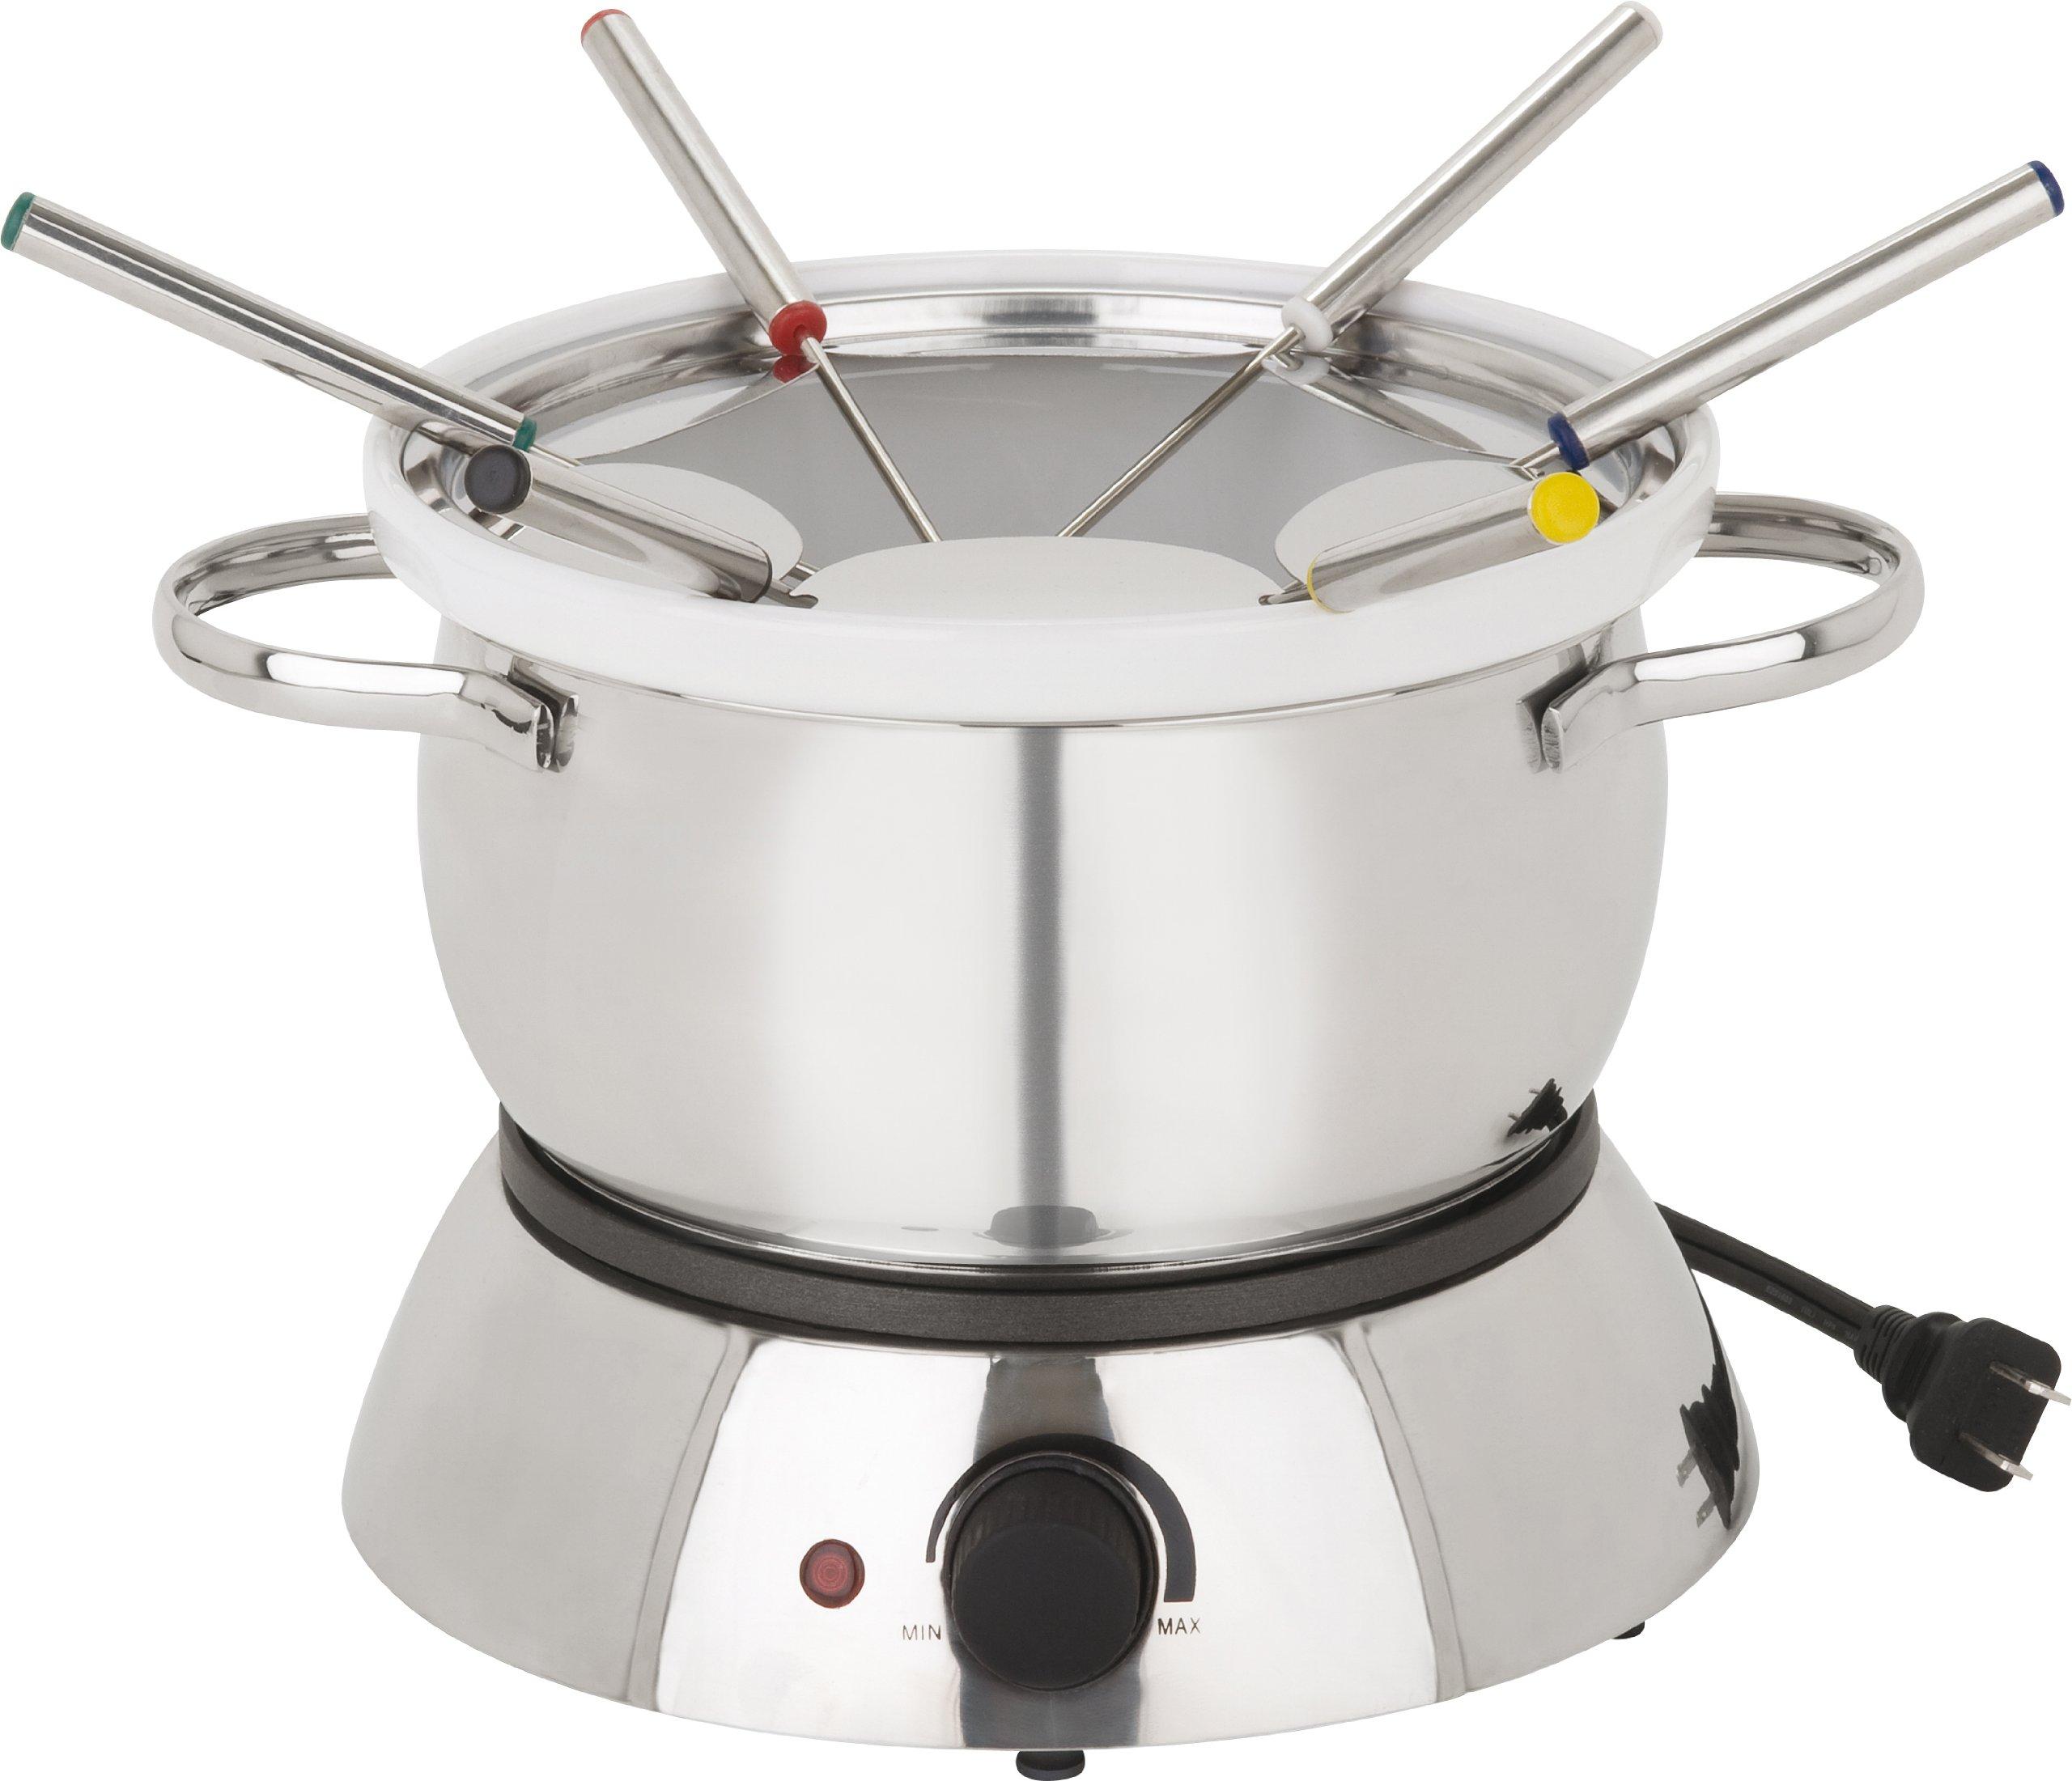 Trudeau alto electric fondue 11 piece